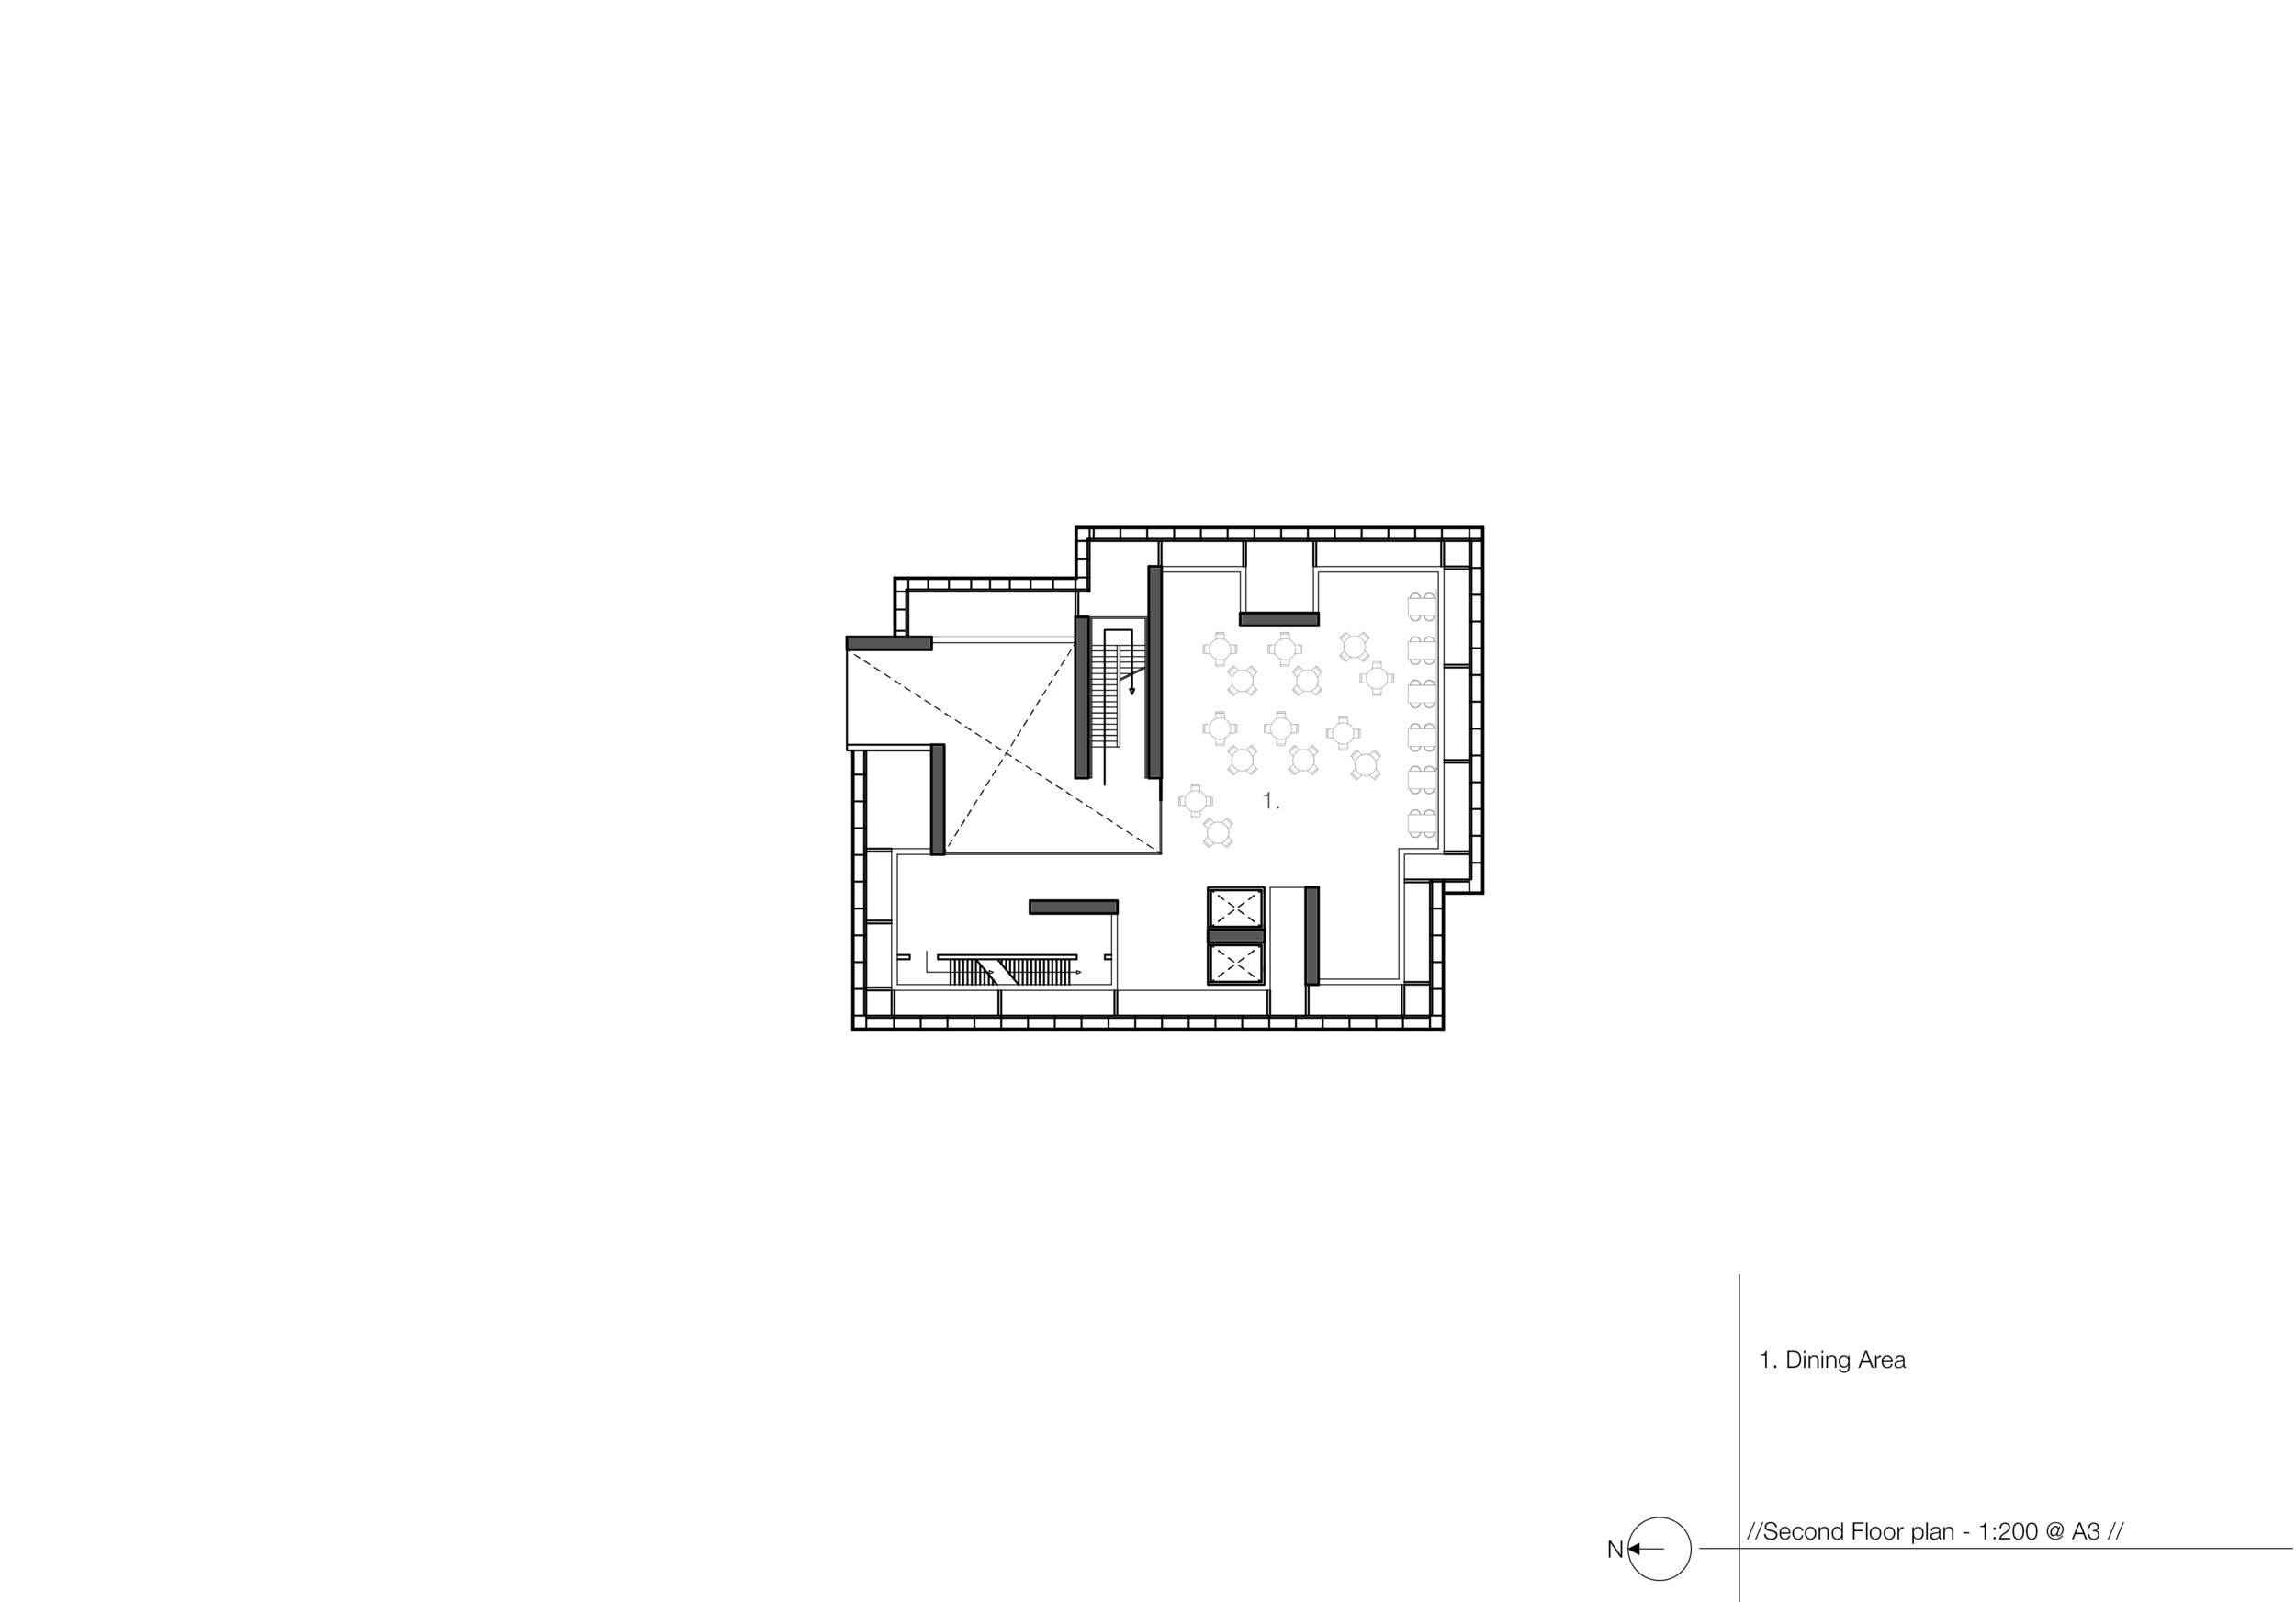 D303_DSGN_Second Floor.png